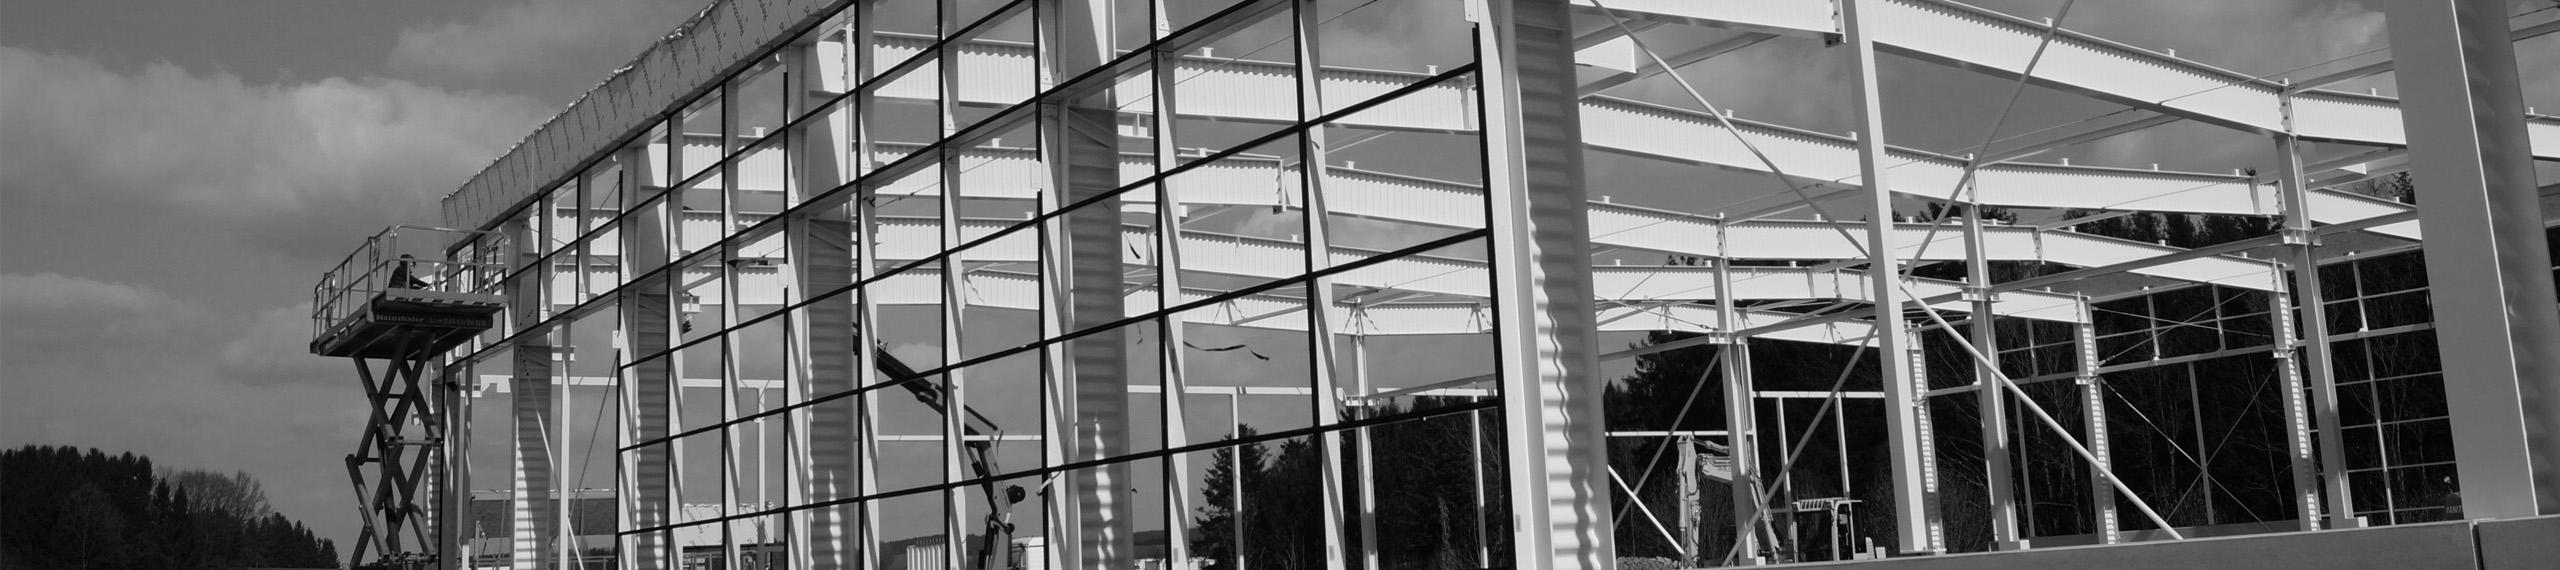 Montage Metall Auer, Montage, Monteure Metall-Auer, Montieren, Metallbau, Stahlbau